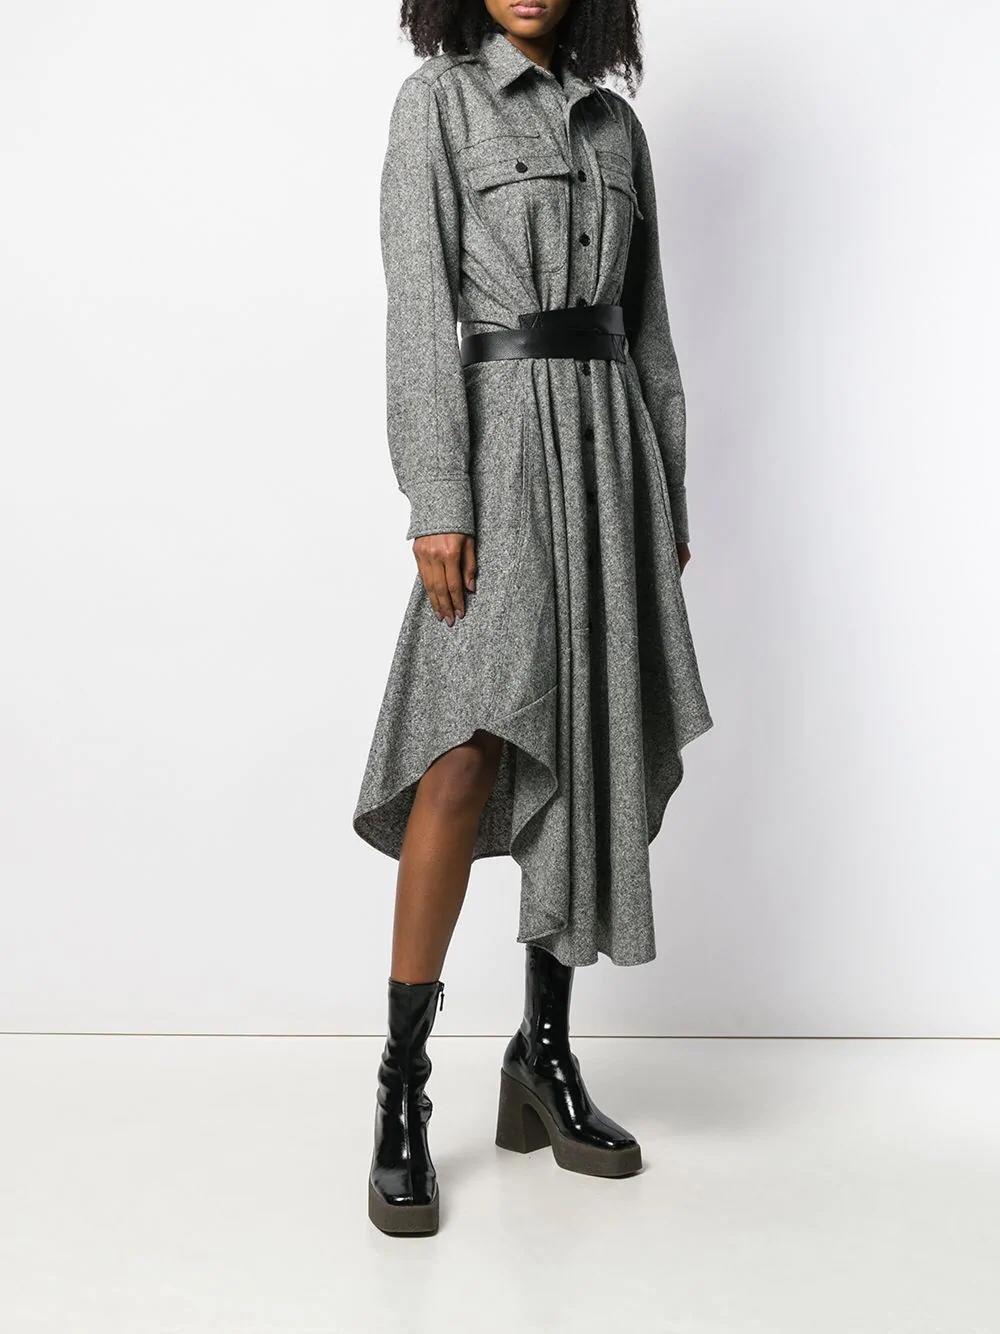 긴 소매 드레스 트렌치 코트 스타일 가죽 벨트 디자인 울 혼합 직물 맞춤-에서티셔츠부터 여성 의류 의  그룹 1